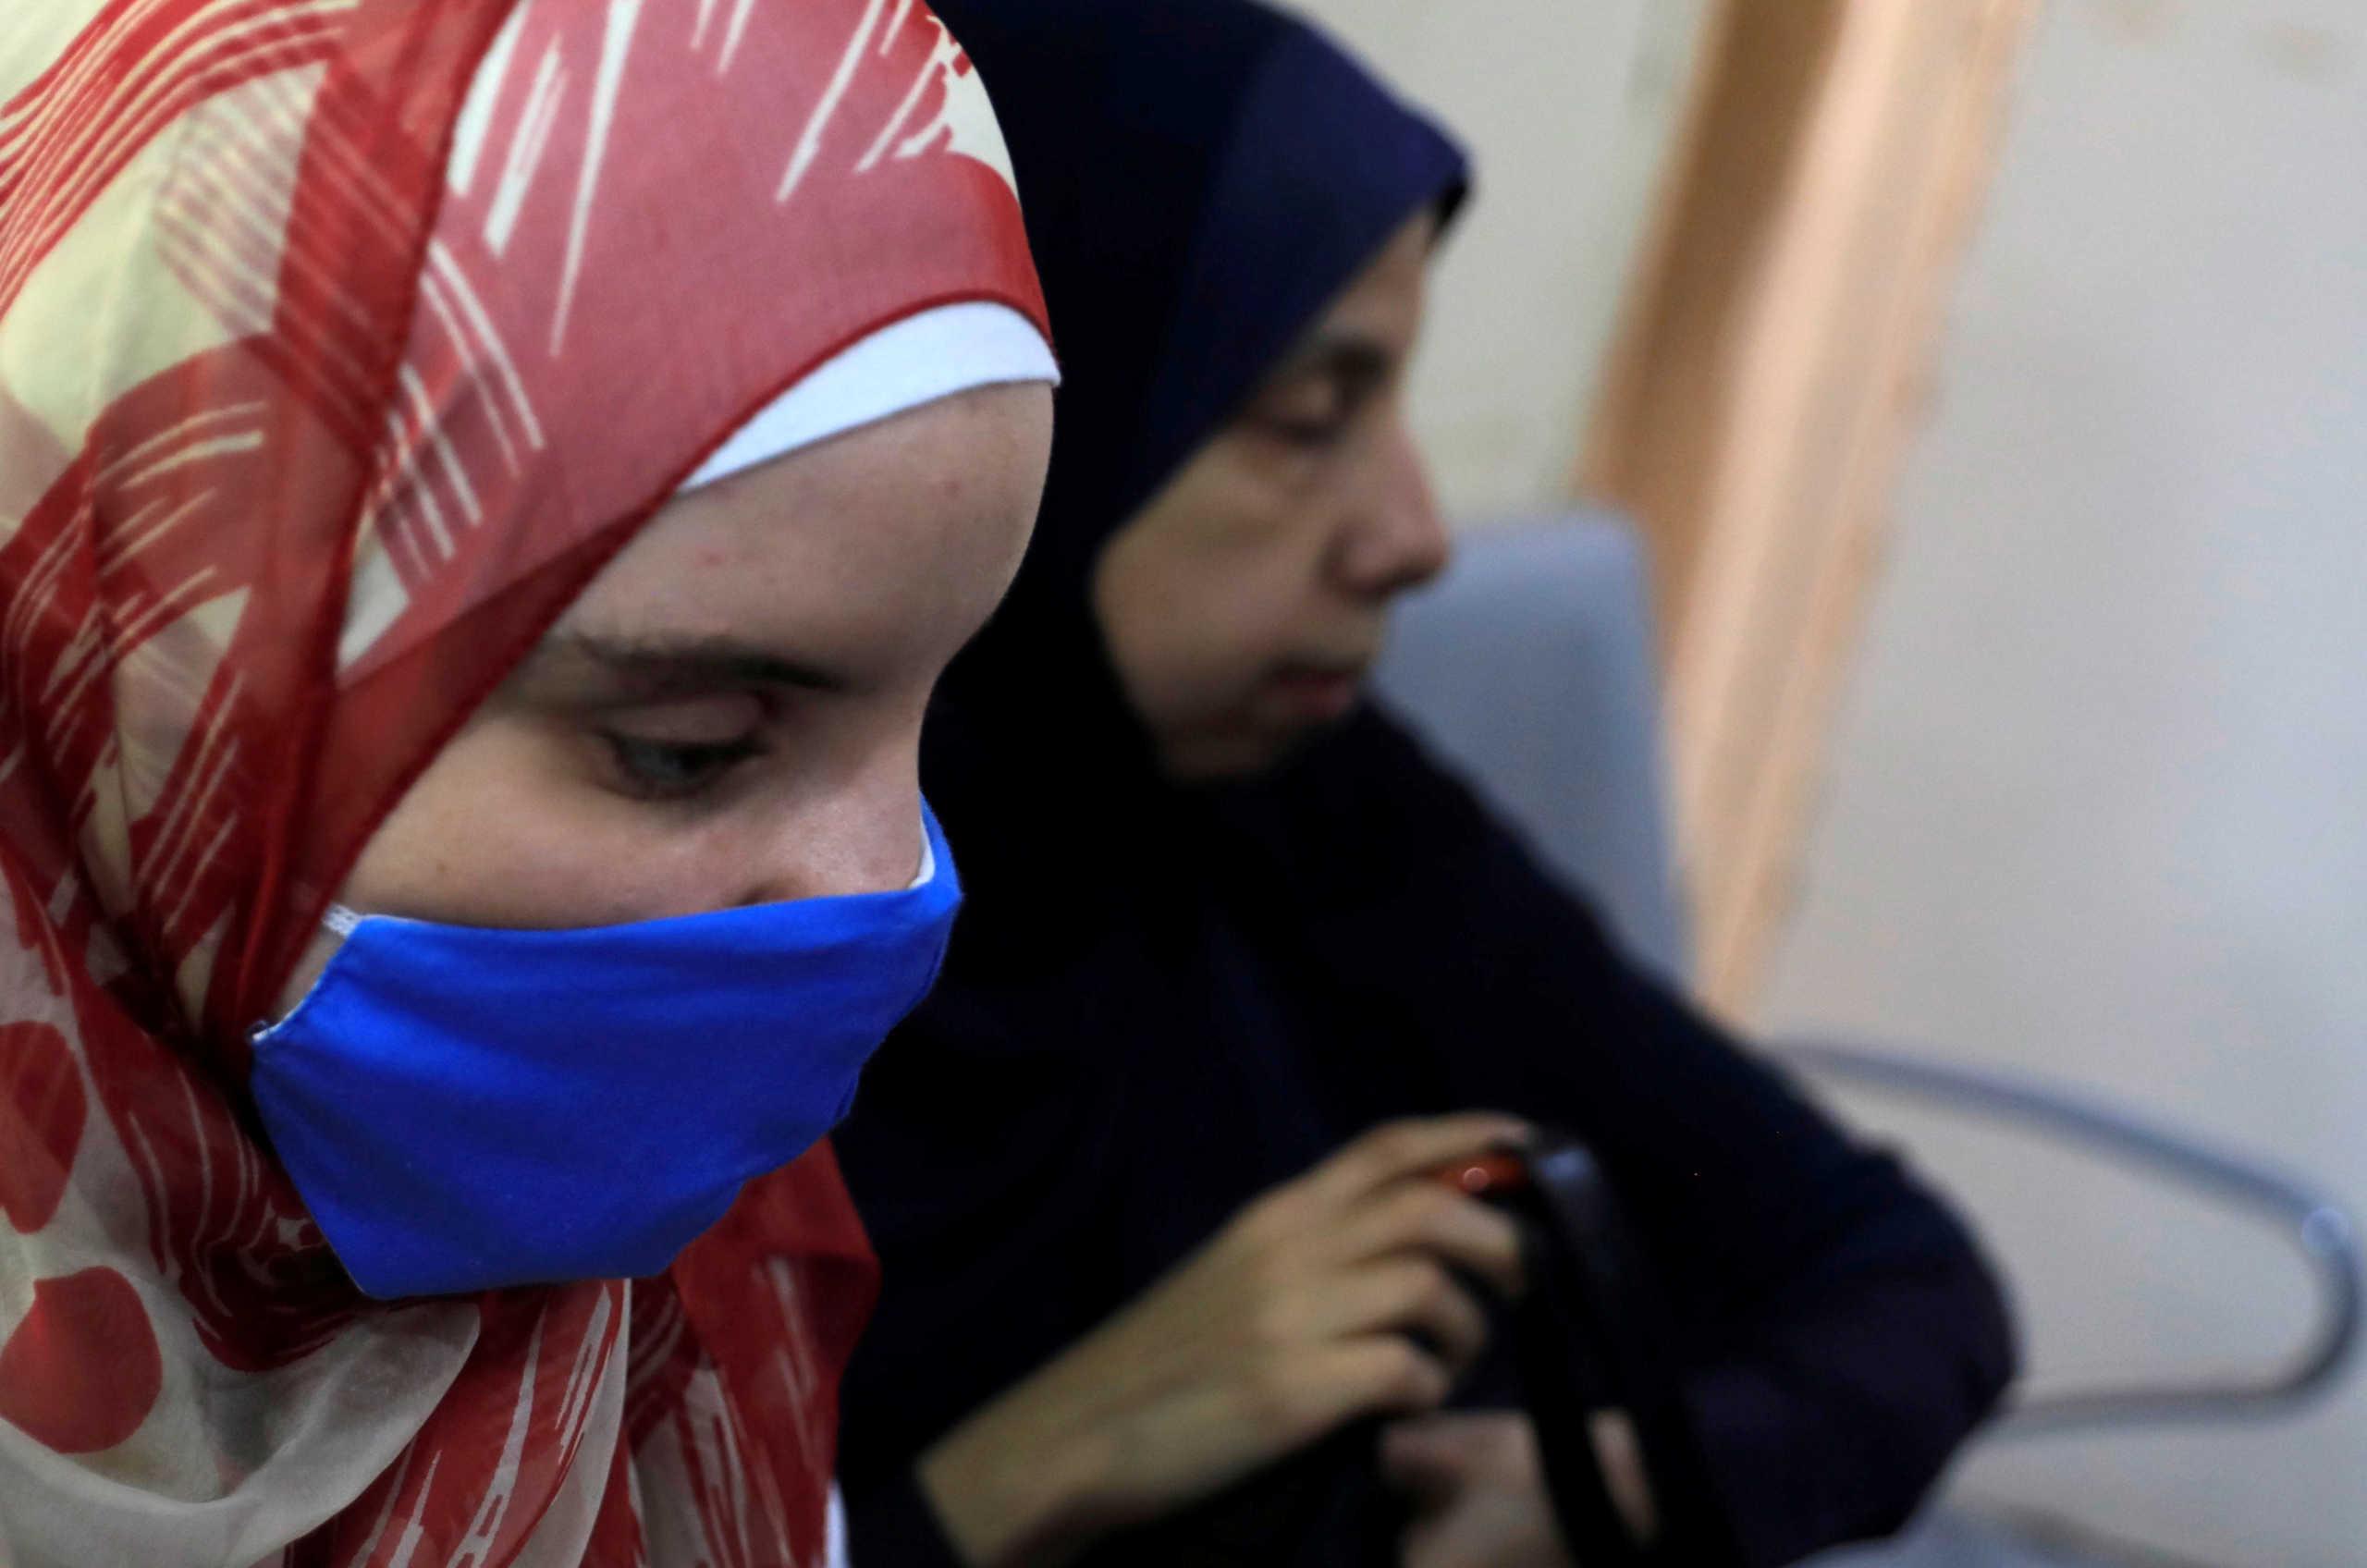 Αίγυπτος: Φόβοι για τέταρτο κύμα κορονοϊού στη χώρα τον Σεπτέμβριο